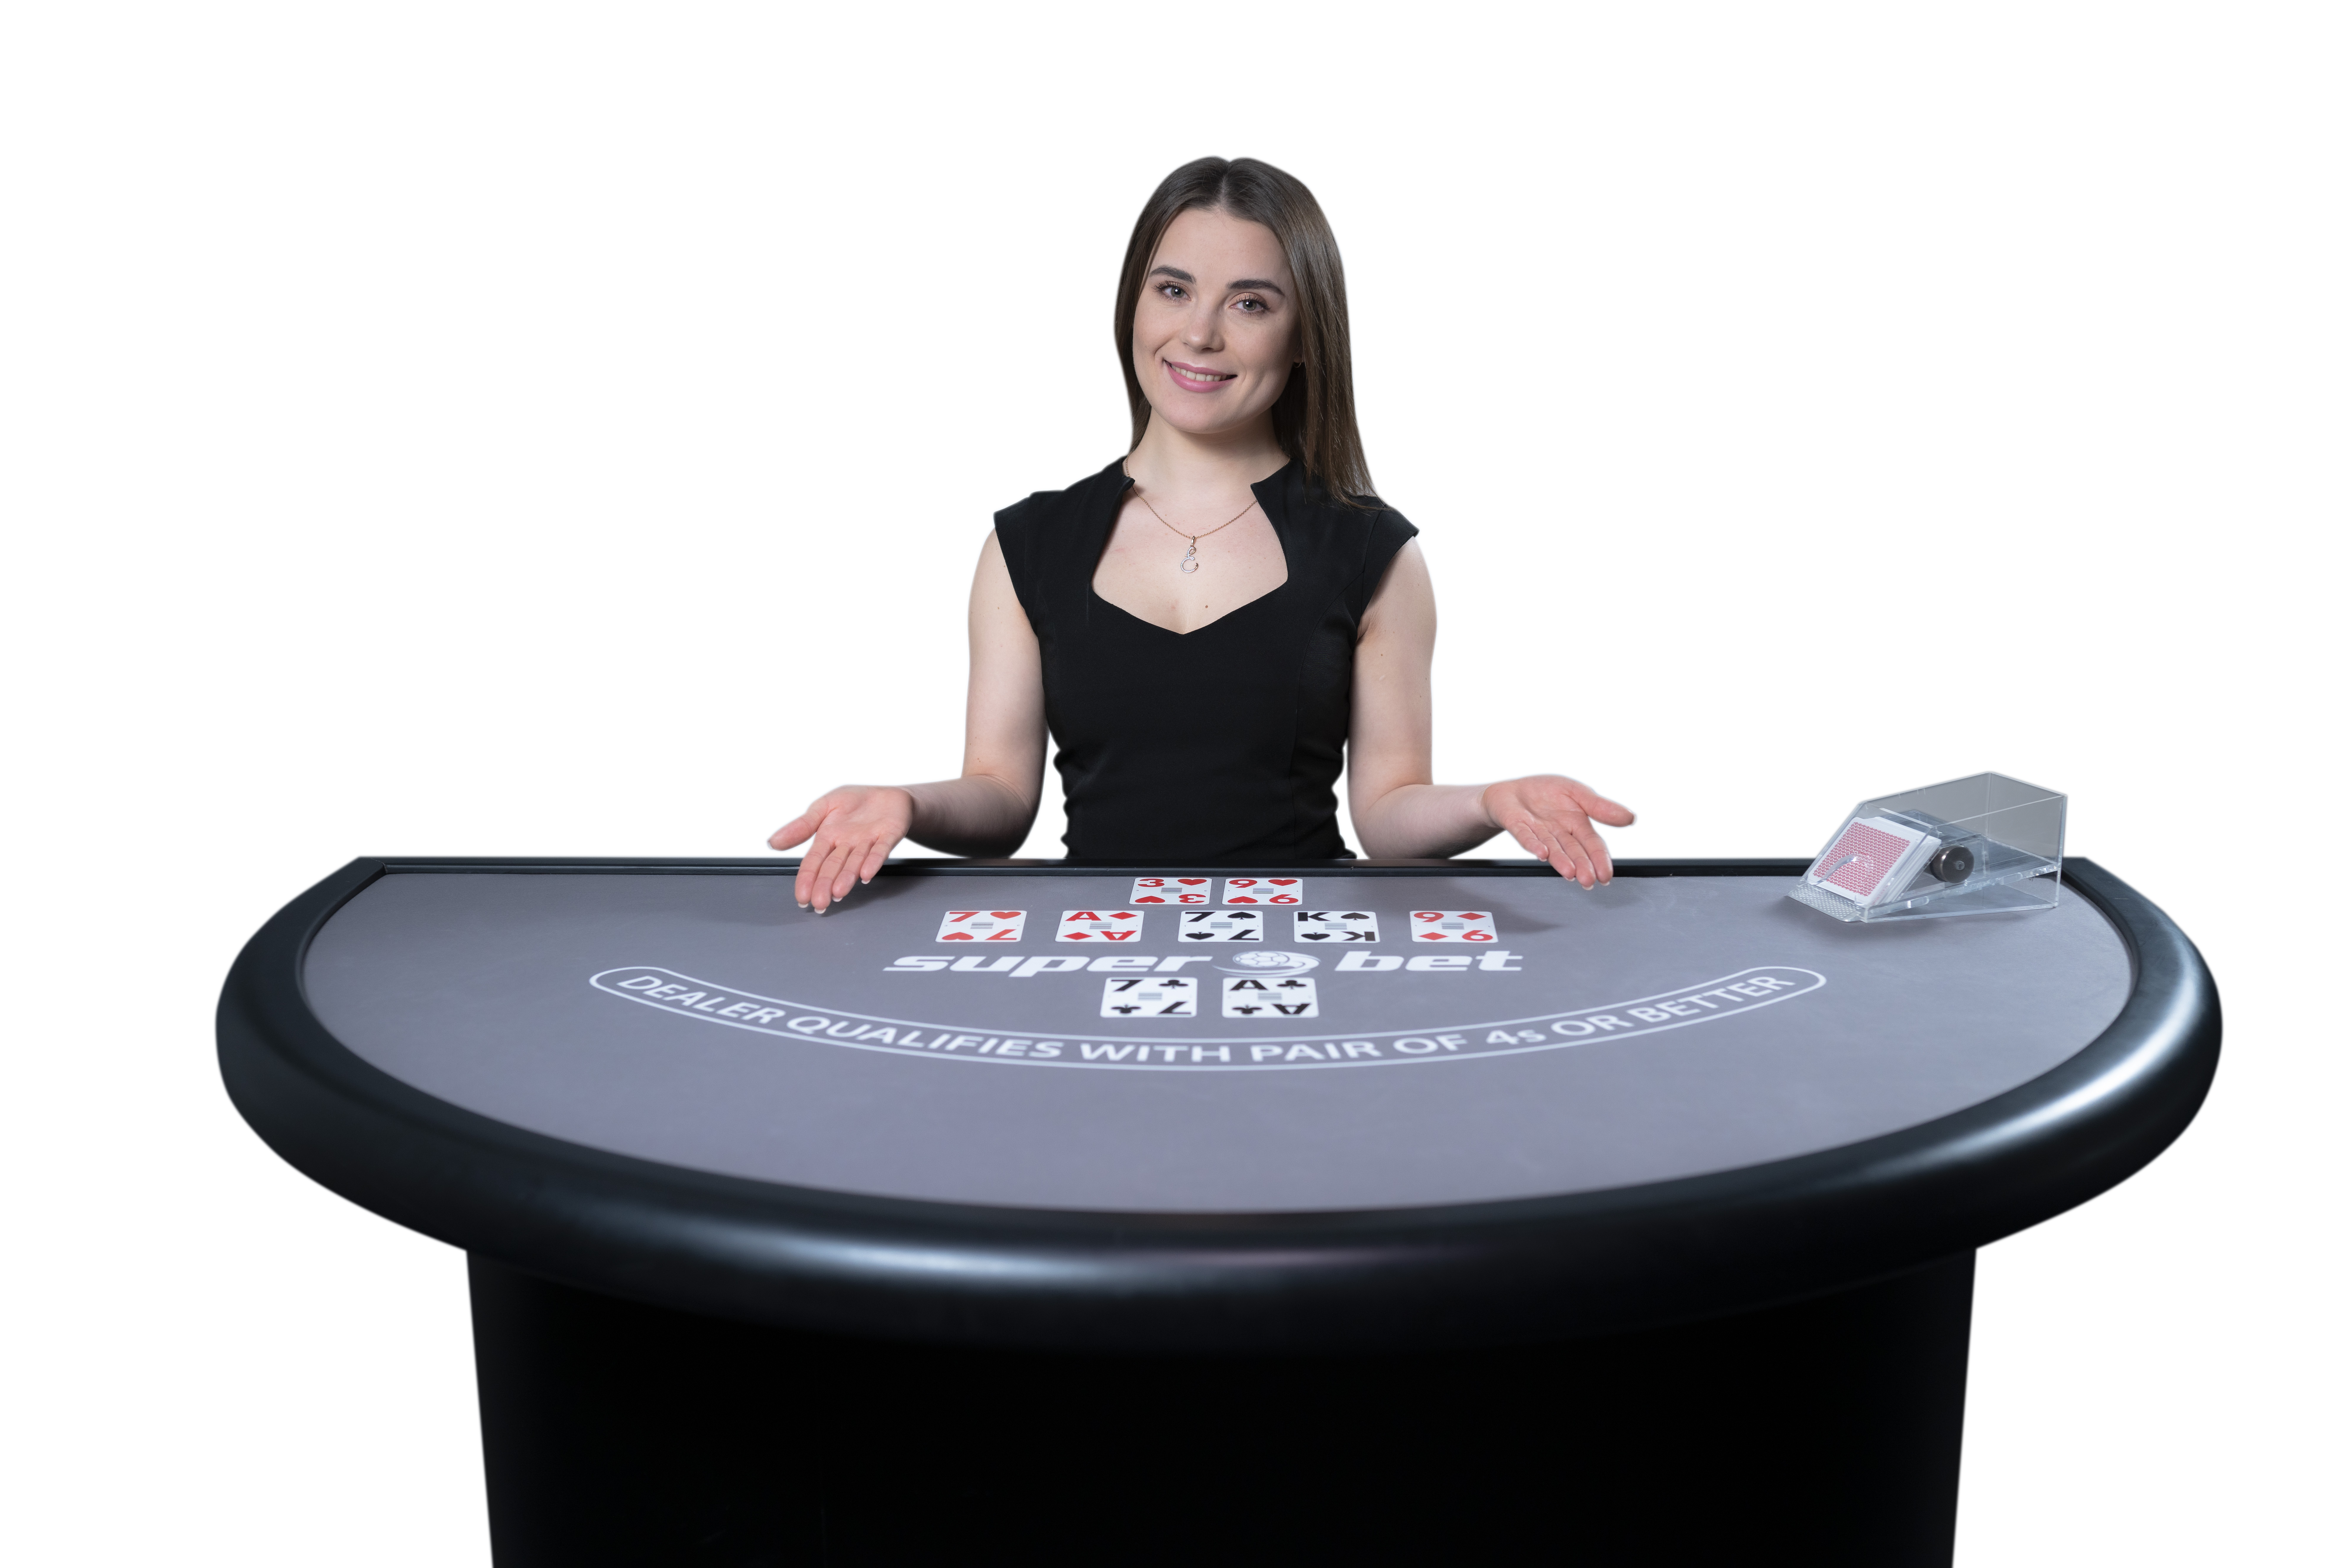 Blackjack Live Dealer